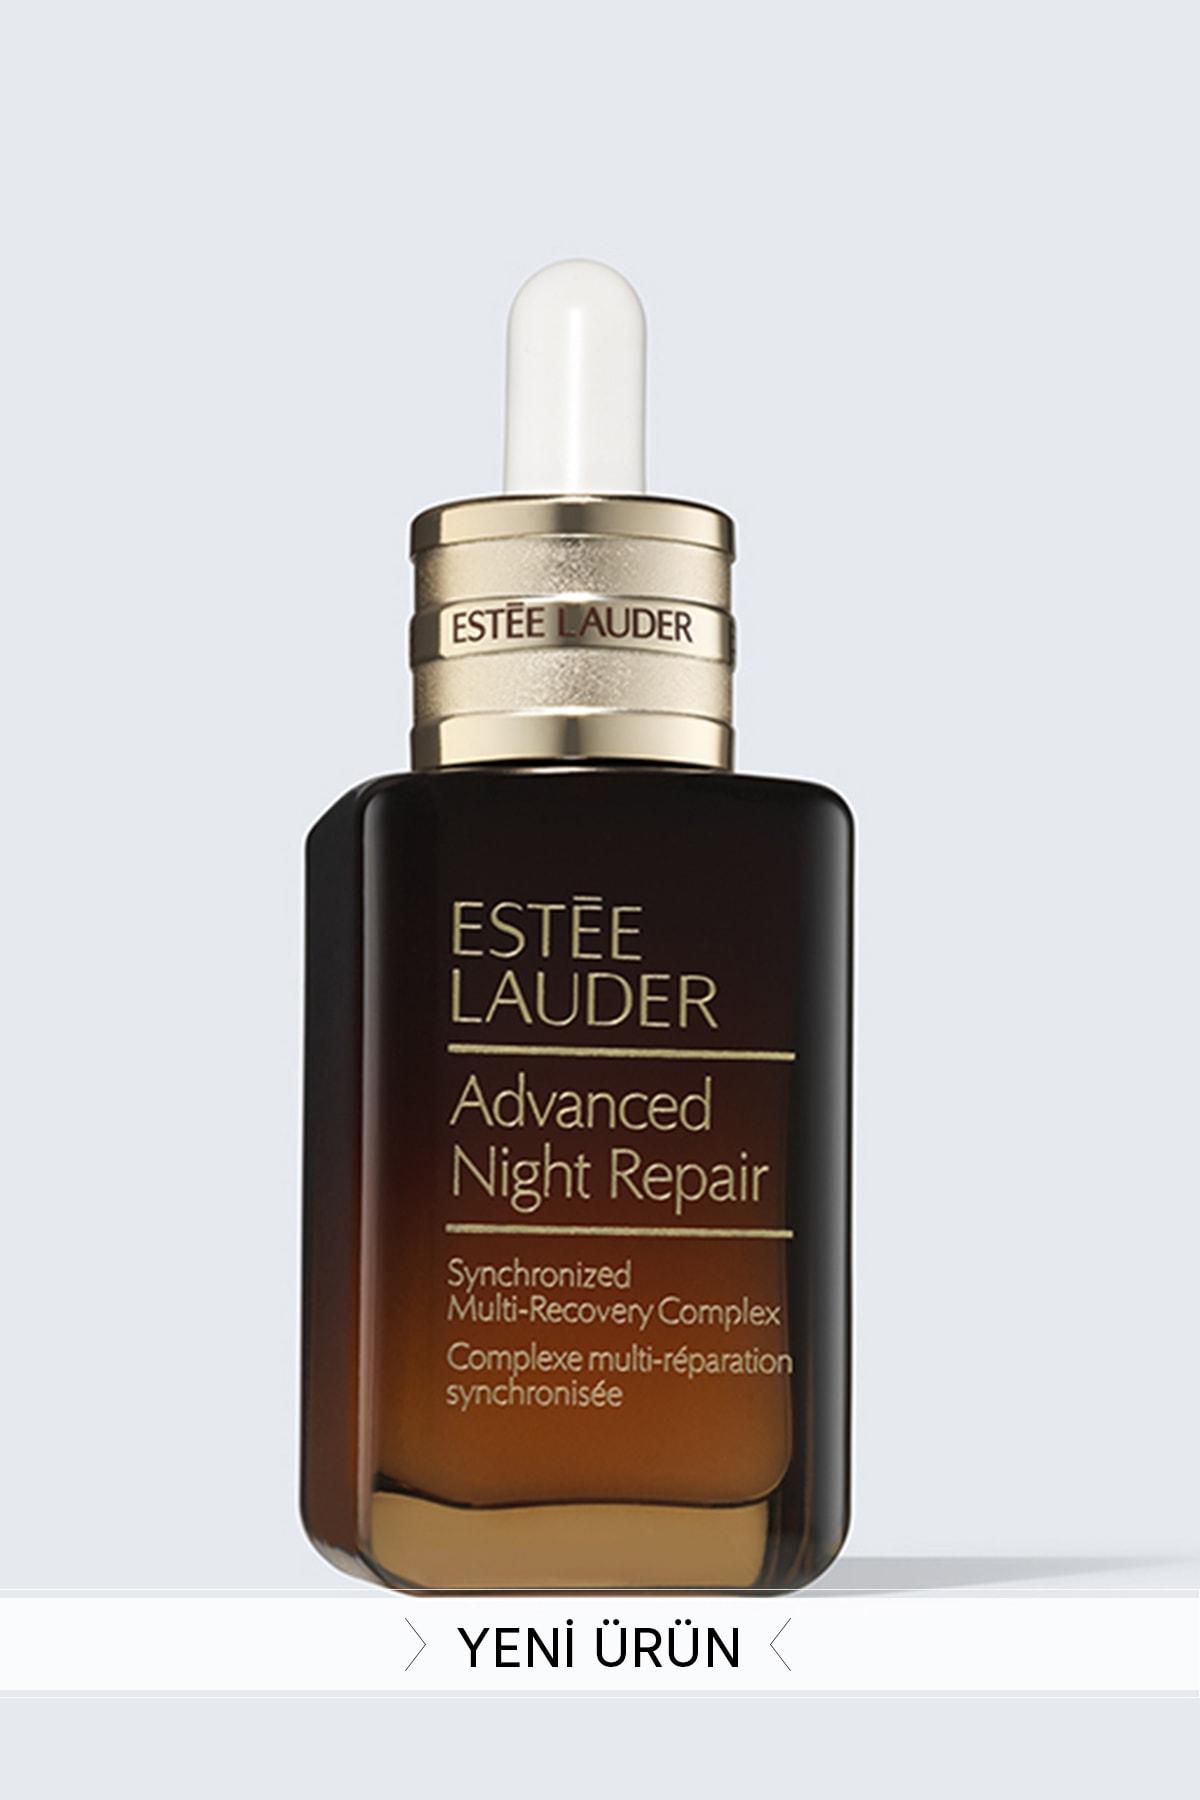 Estee Lauder Yaşlanma Karşıtı Gece Serumu - Advanced Night Repair Onarıcı Gece Serumu 20 ml 887167485495 1